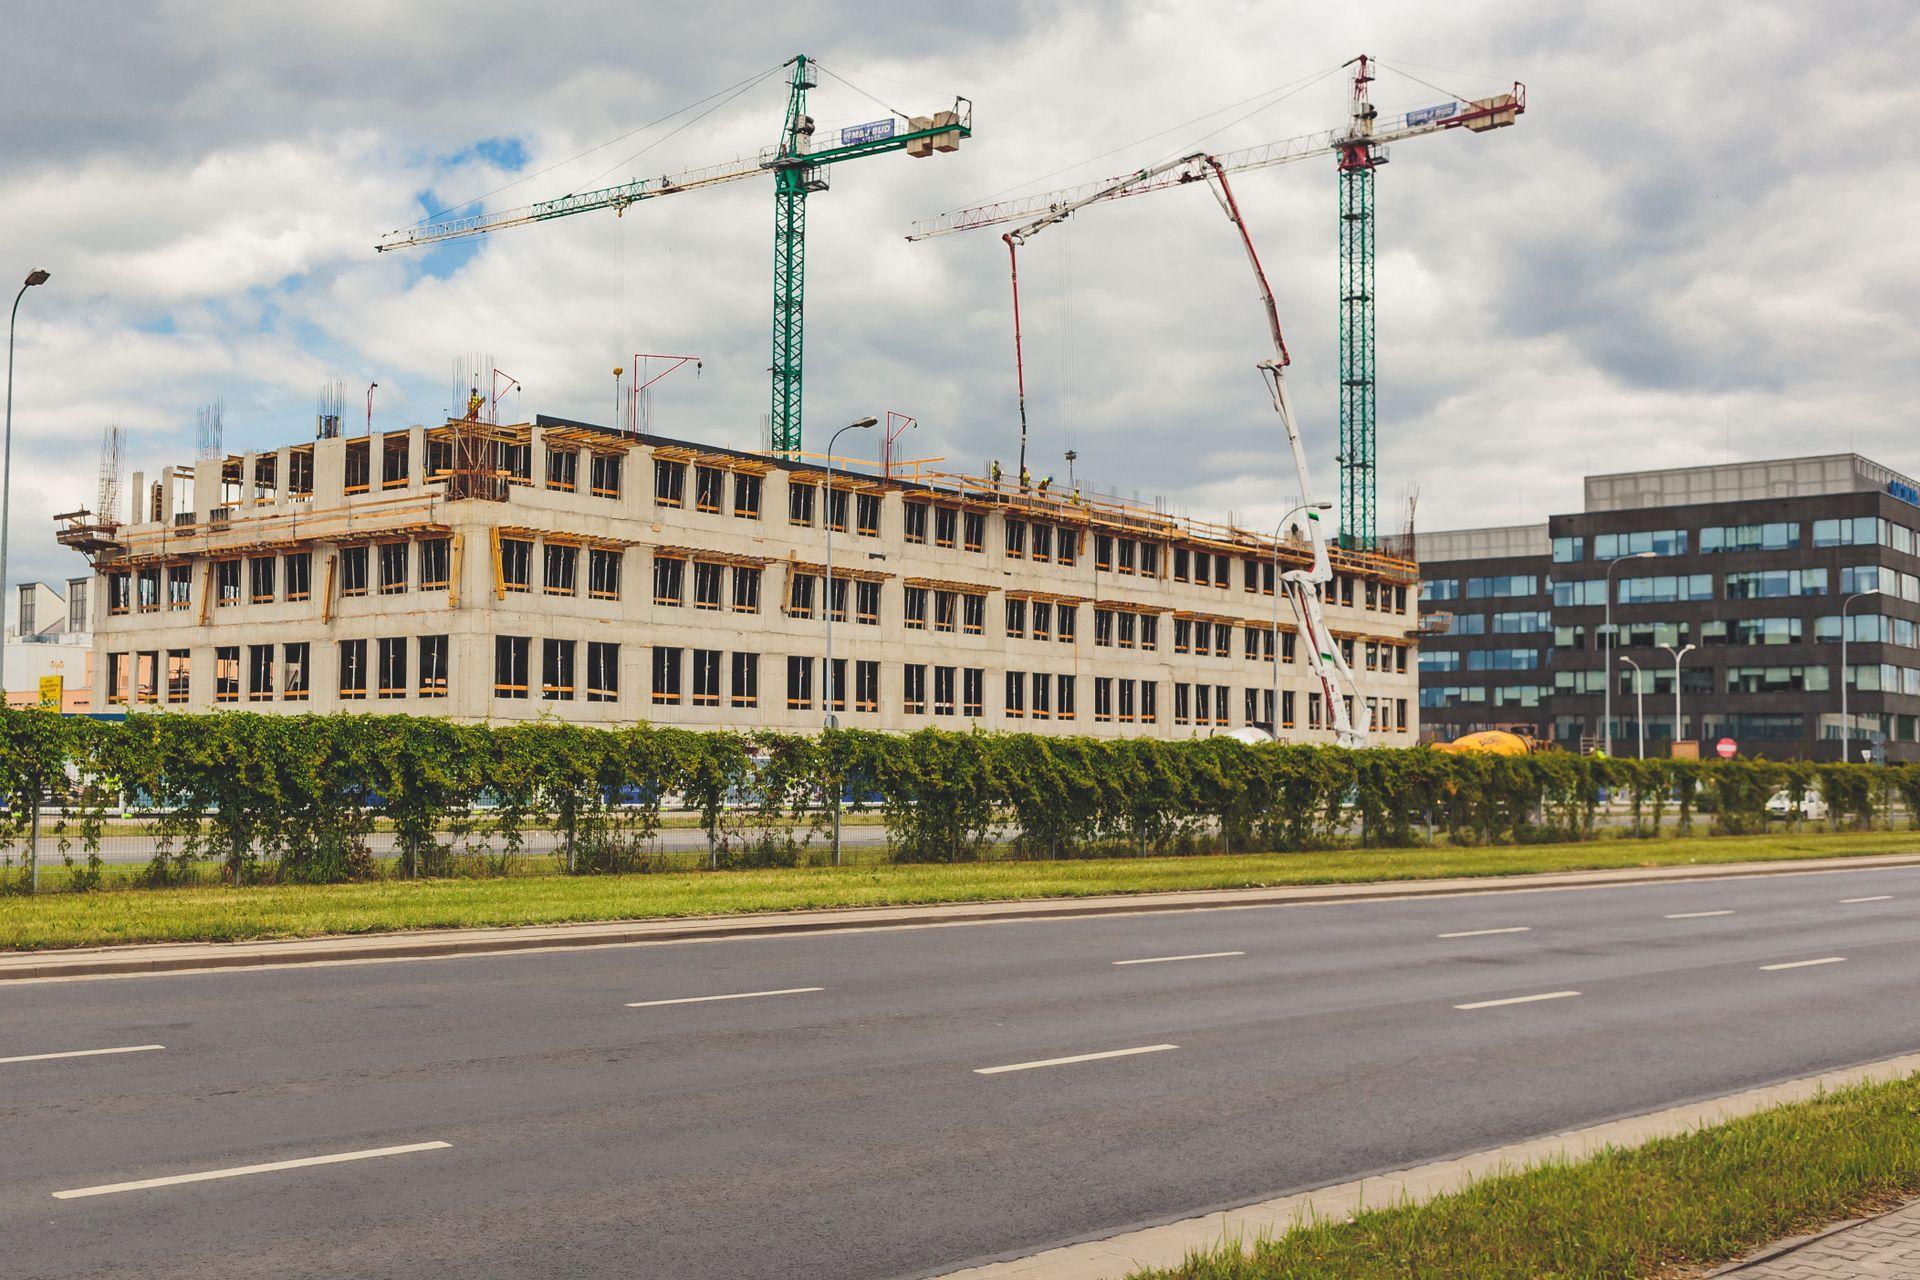 [Wrocław] Miała być Idylla, będą biurowce. Echo planuje kolejne inwestycje na Gądowie Małym [FOTO]